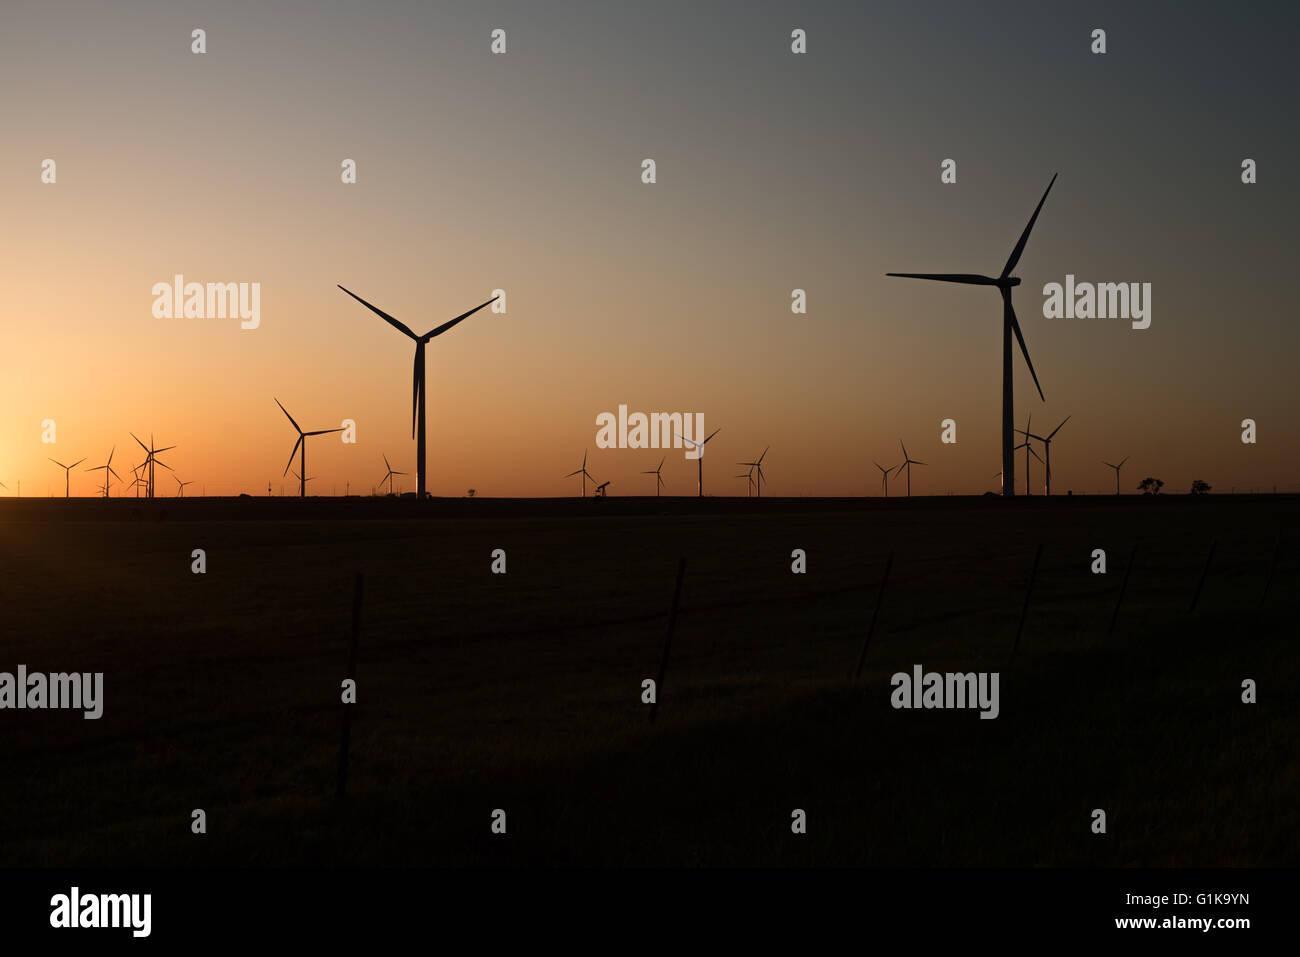 Golden Wind Turbine Photo Stock